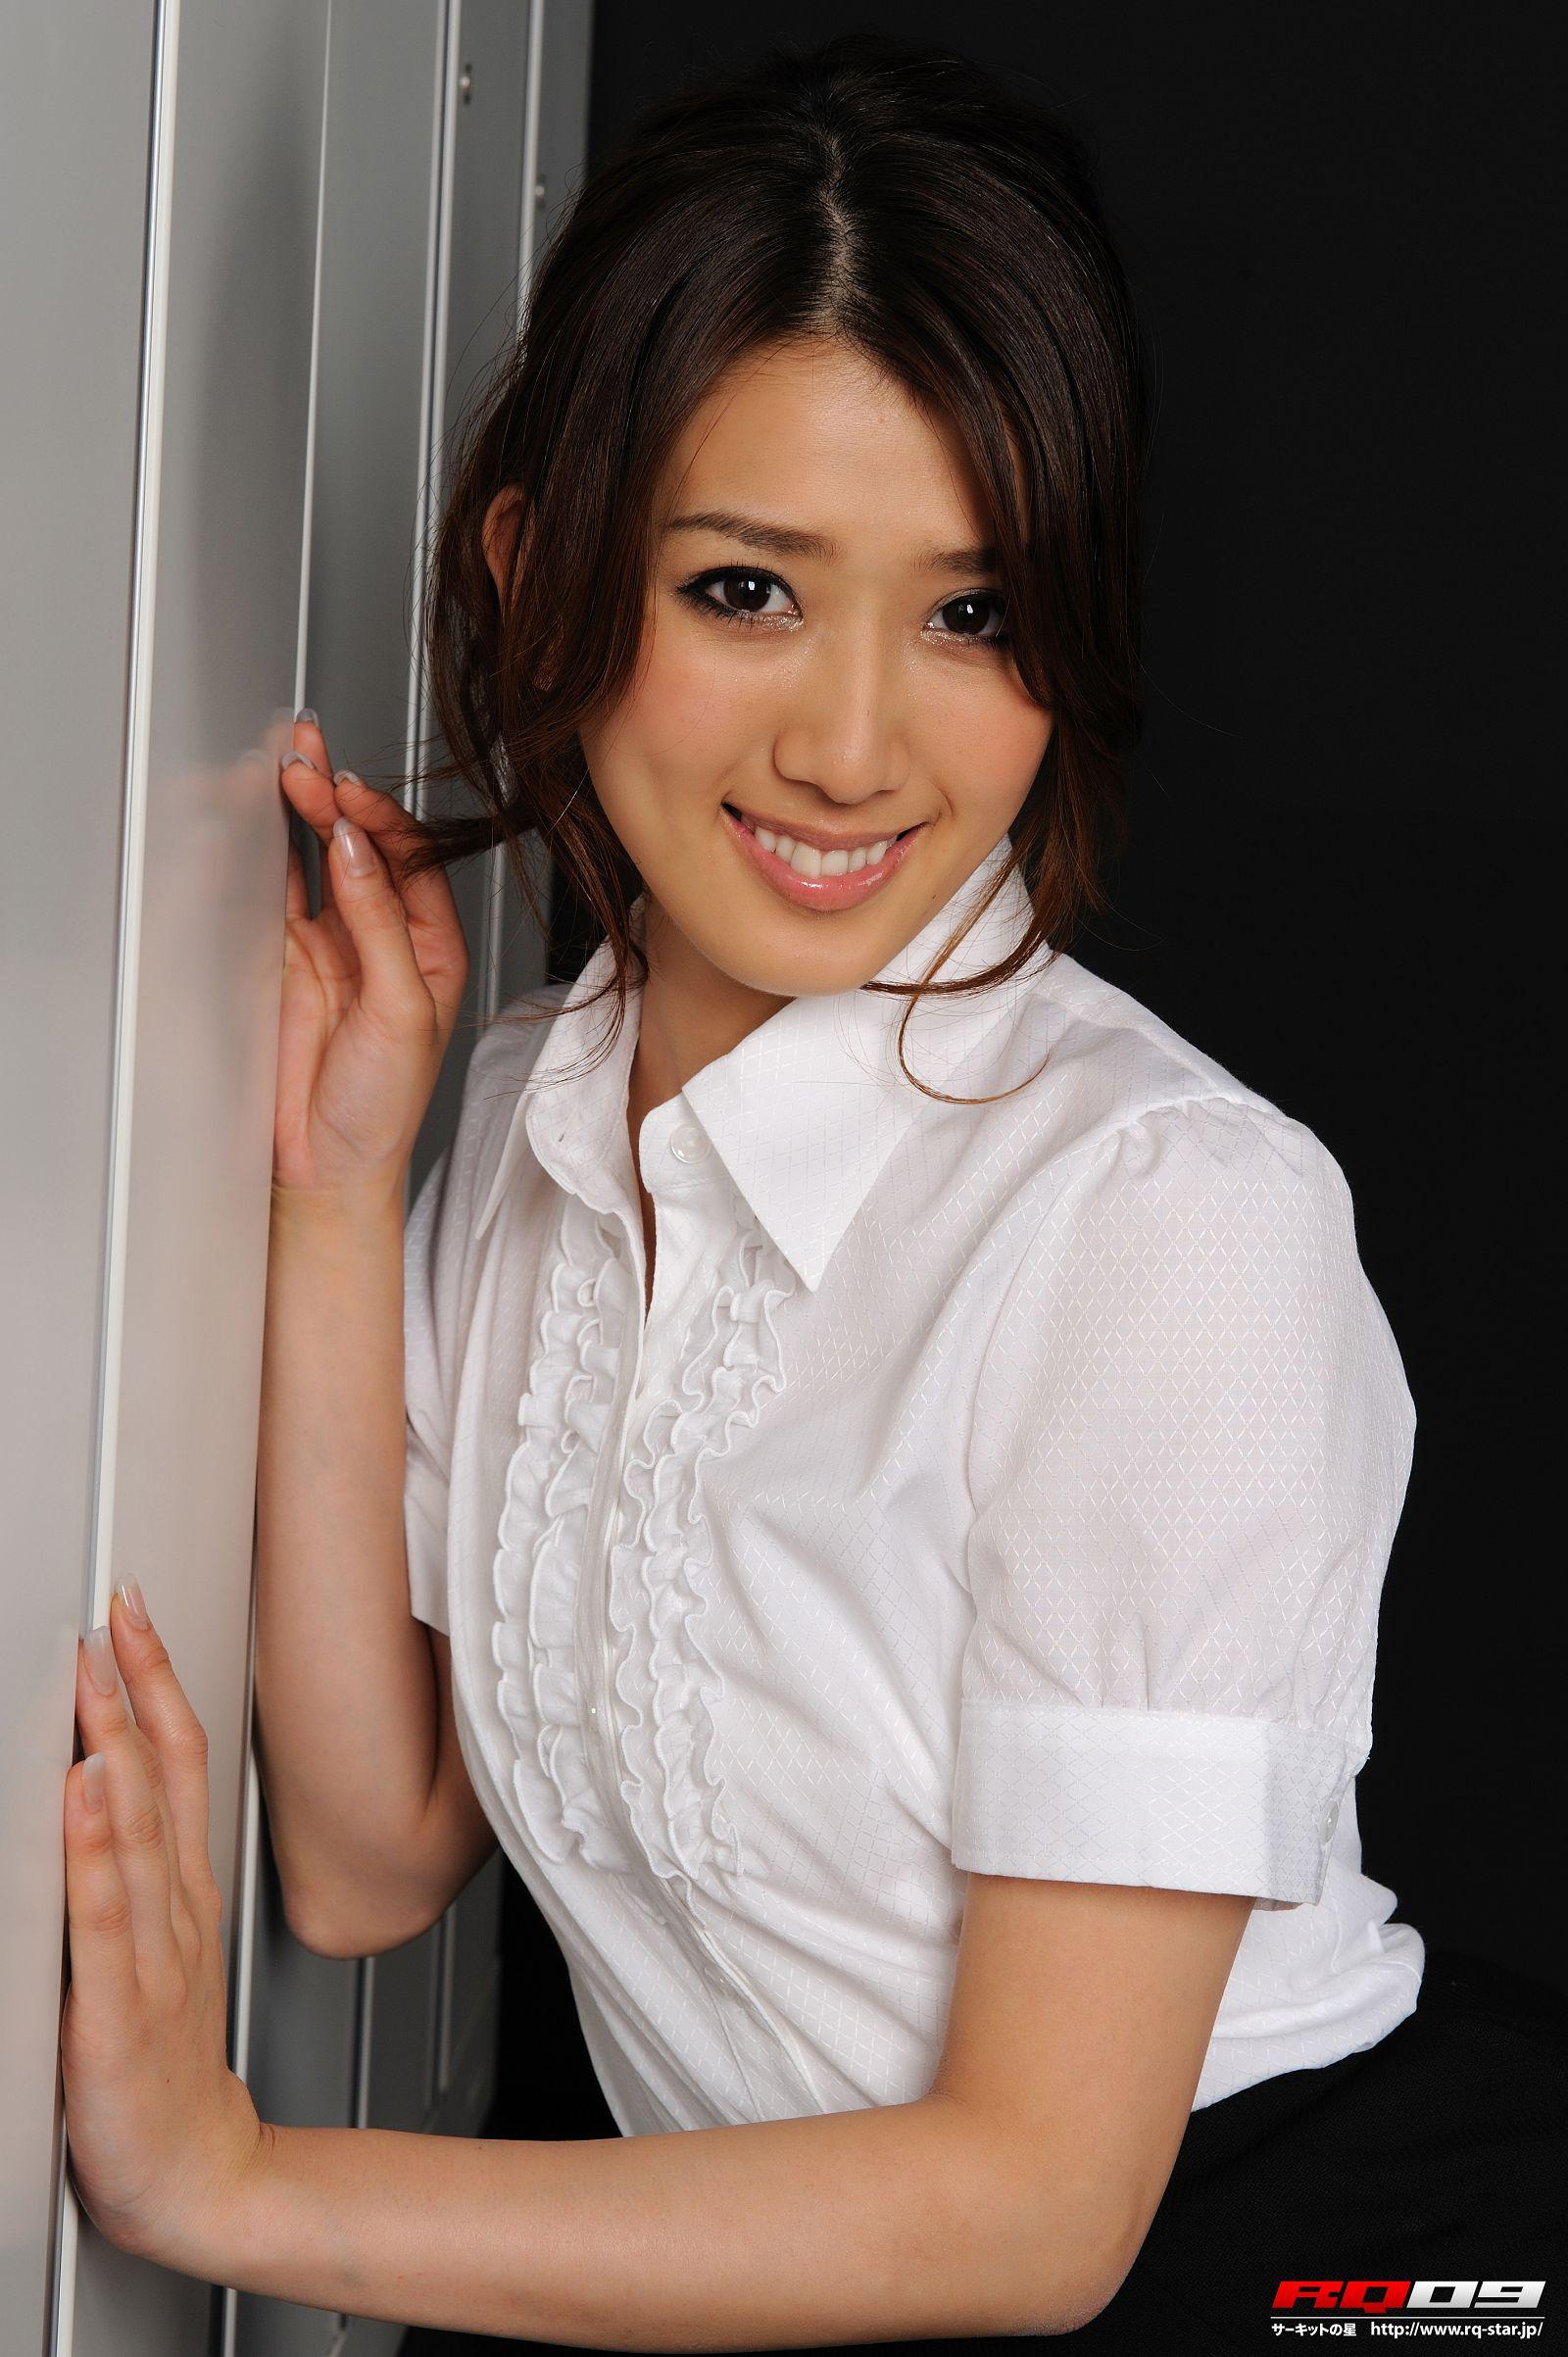 [RQ STAR美女] NO.0233 Yuuka Sugisawa 杉澤友香 Office Lady[100P] RQ STAR 第3张